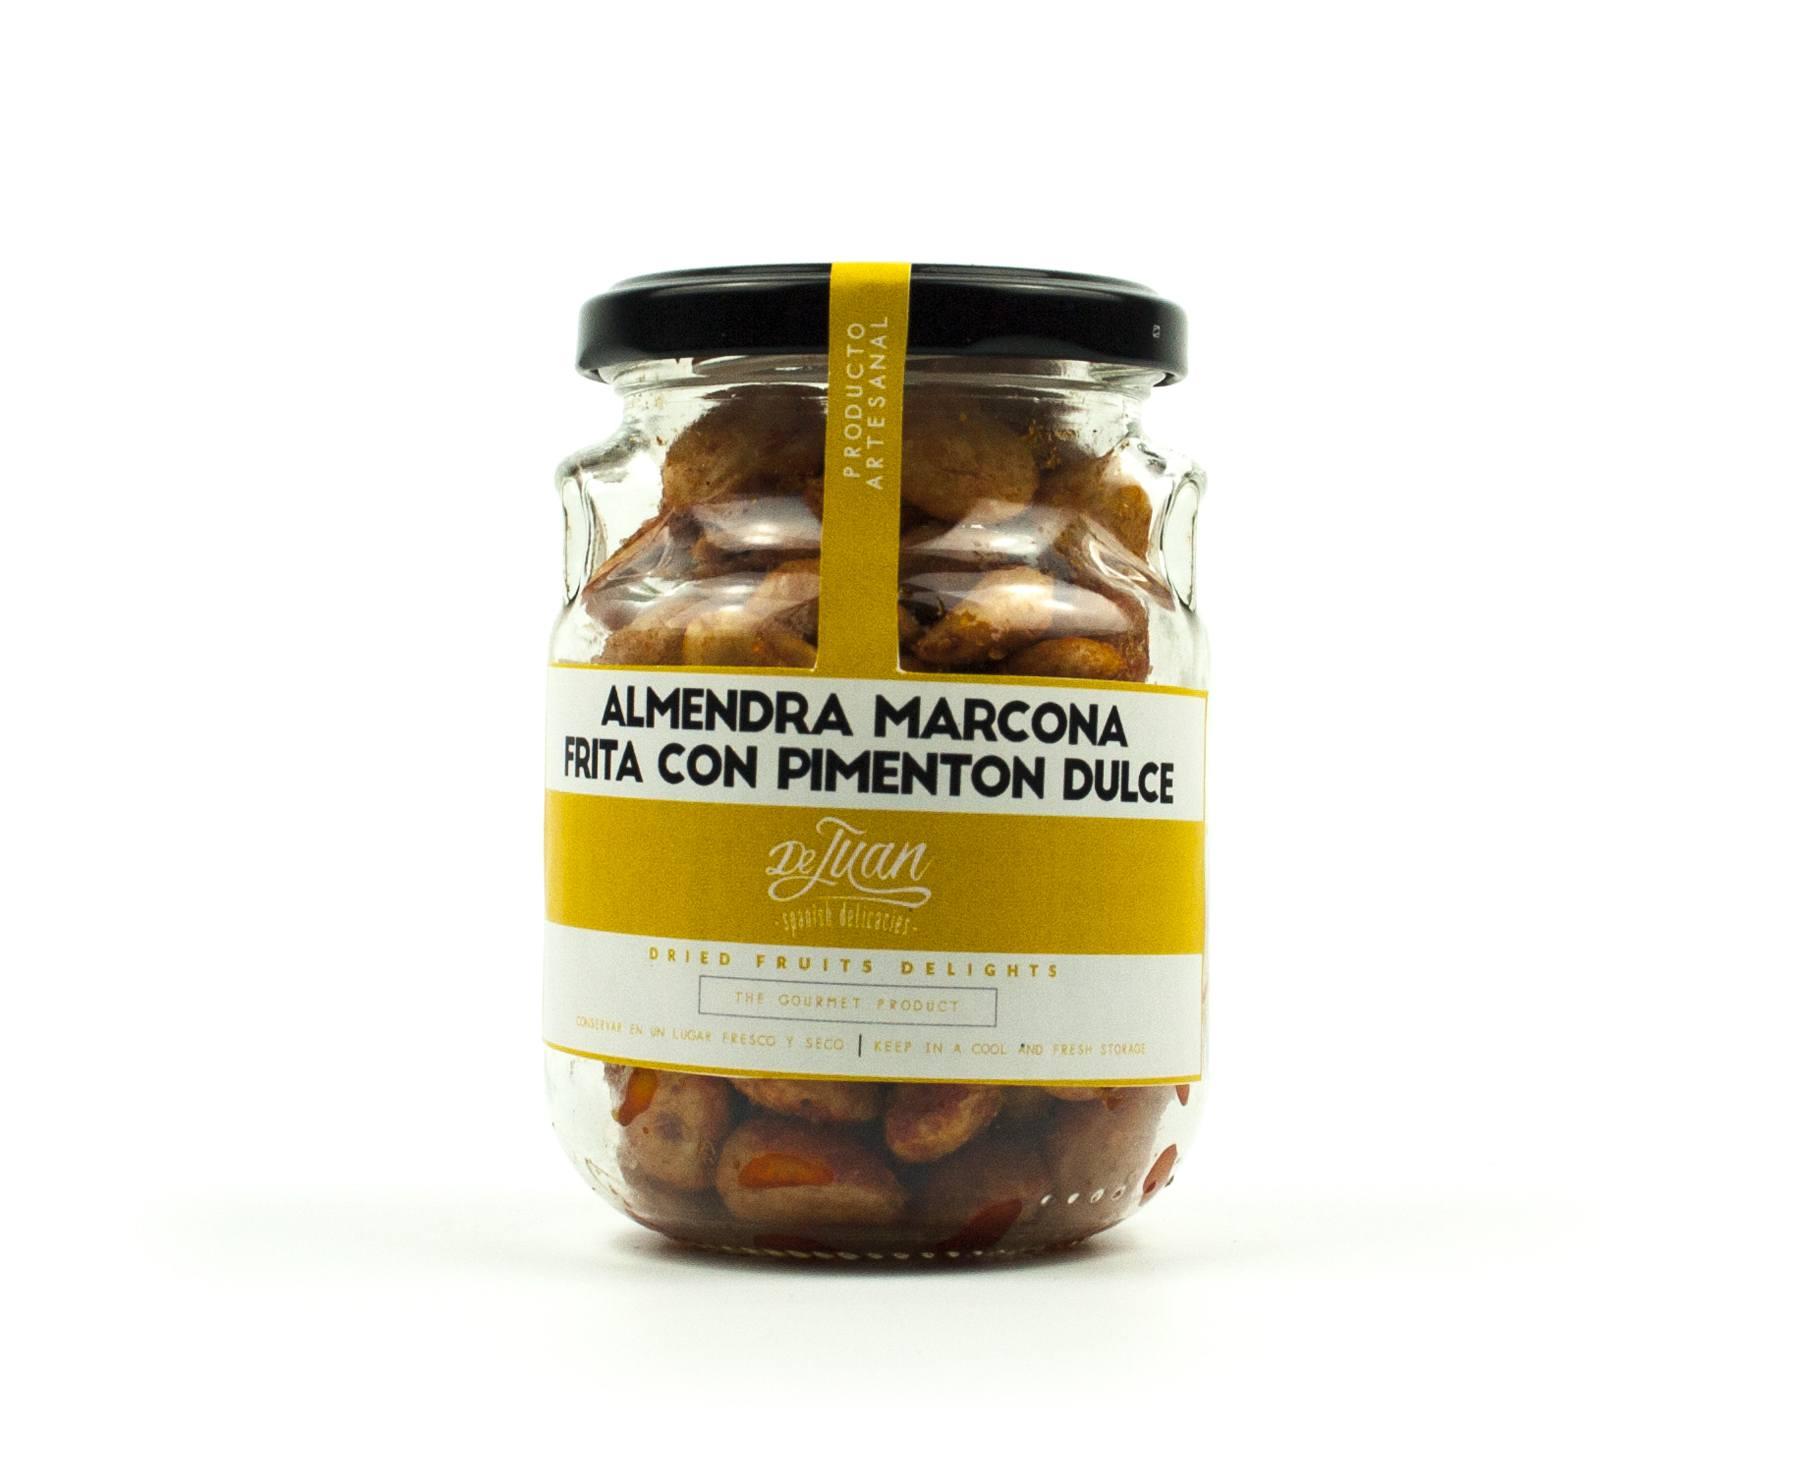 Almendra Marcona Frita con Pimenton Dulce